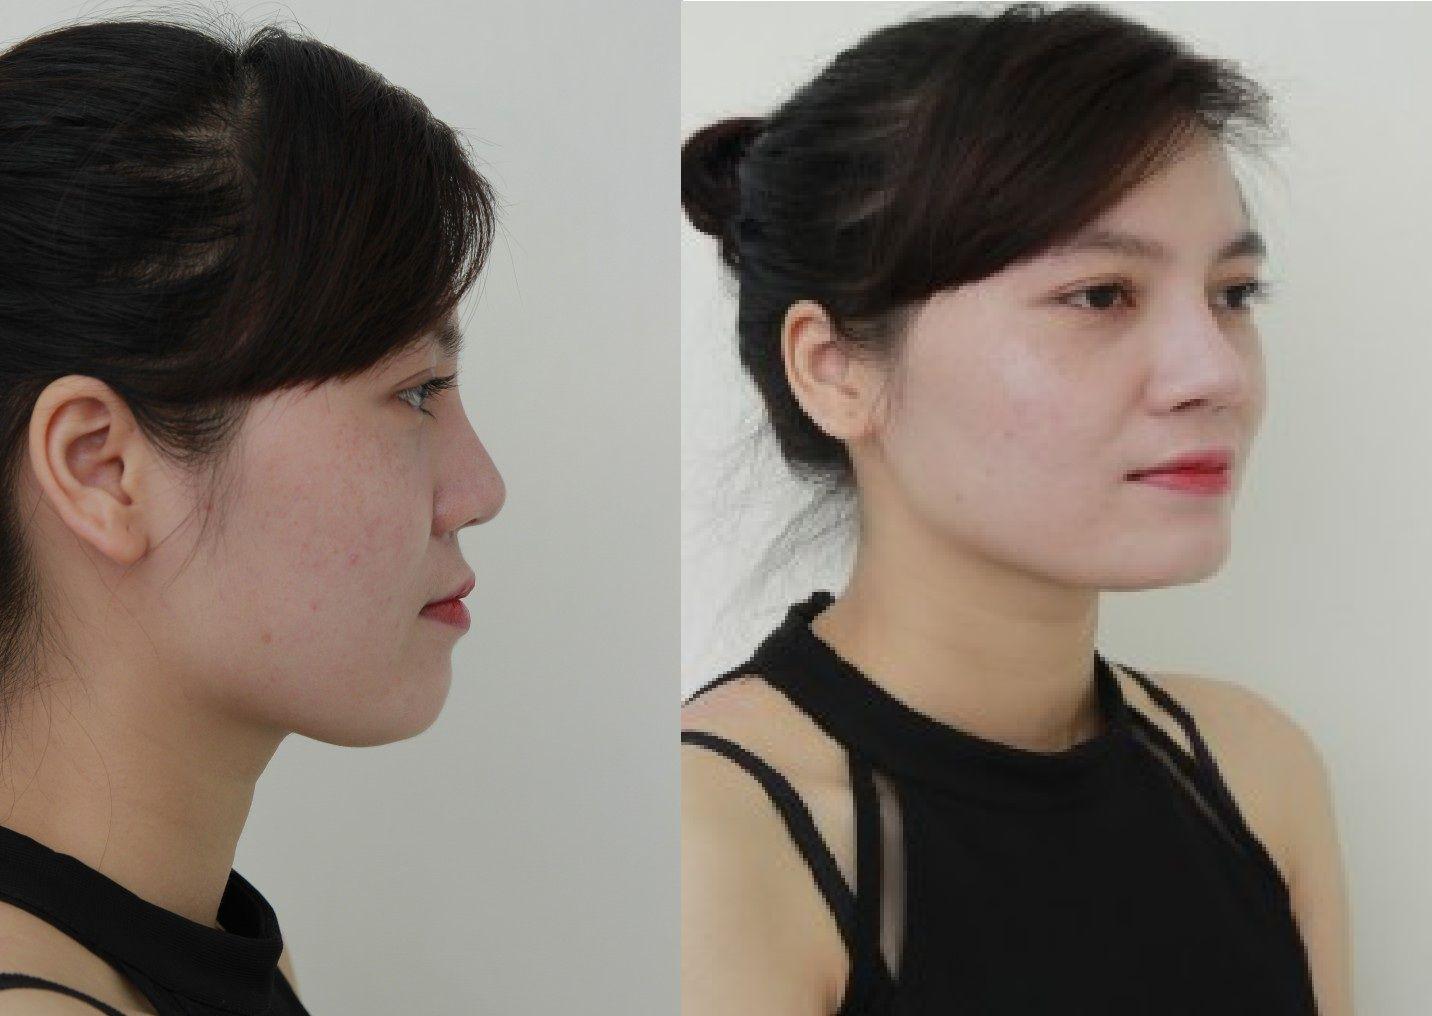 chi-thanh-huong-toi-da-sua-duoc-mui-hong-sau-nang-tai-kangnam-nhu-nao98-683x1024